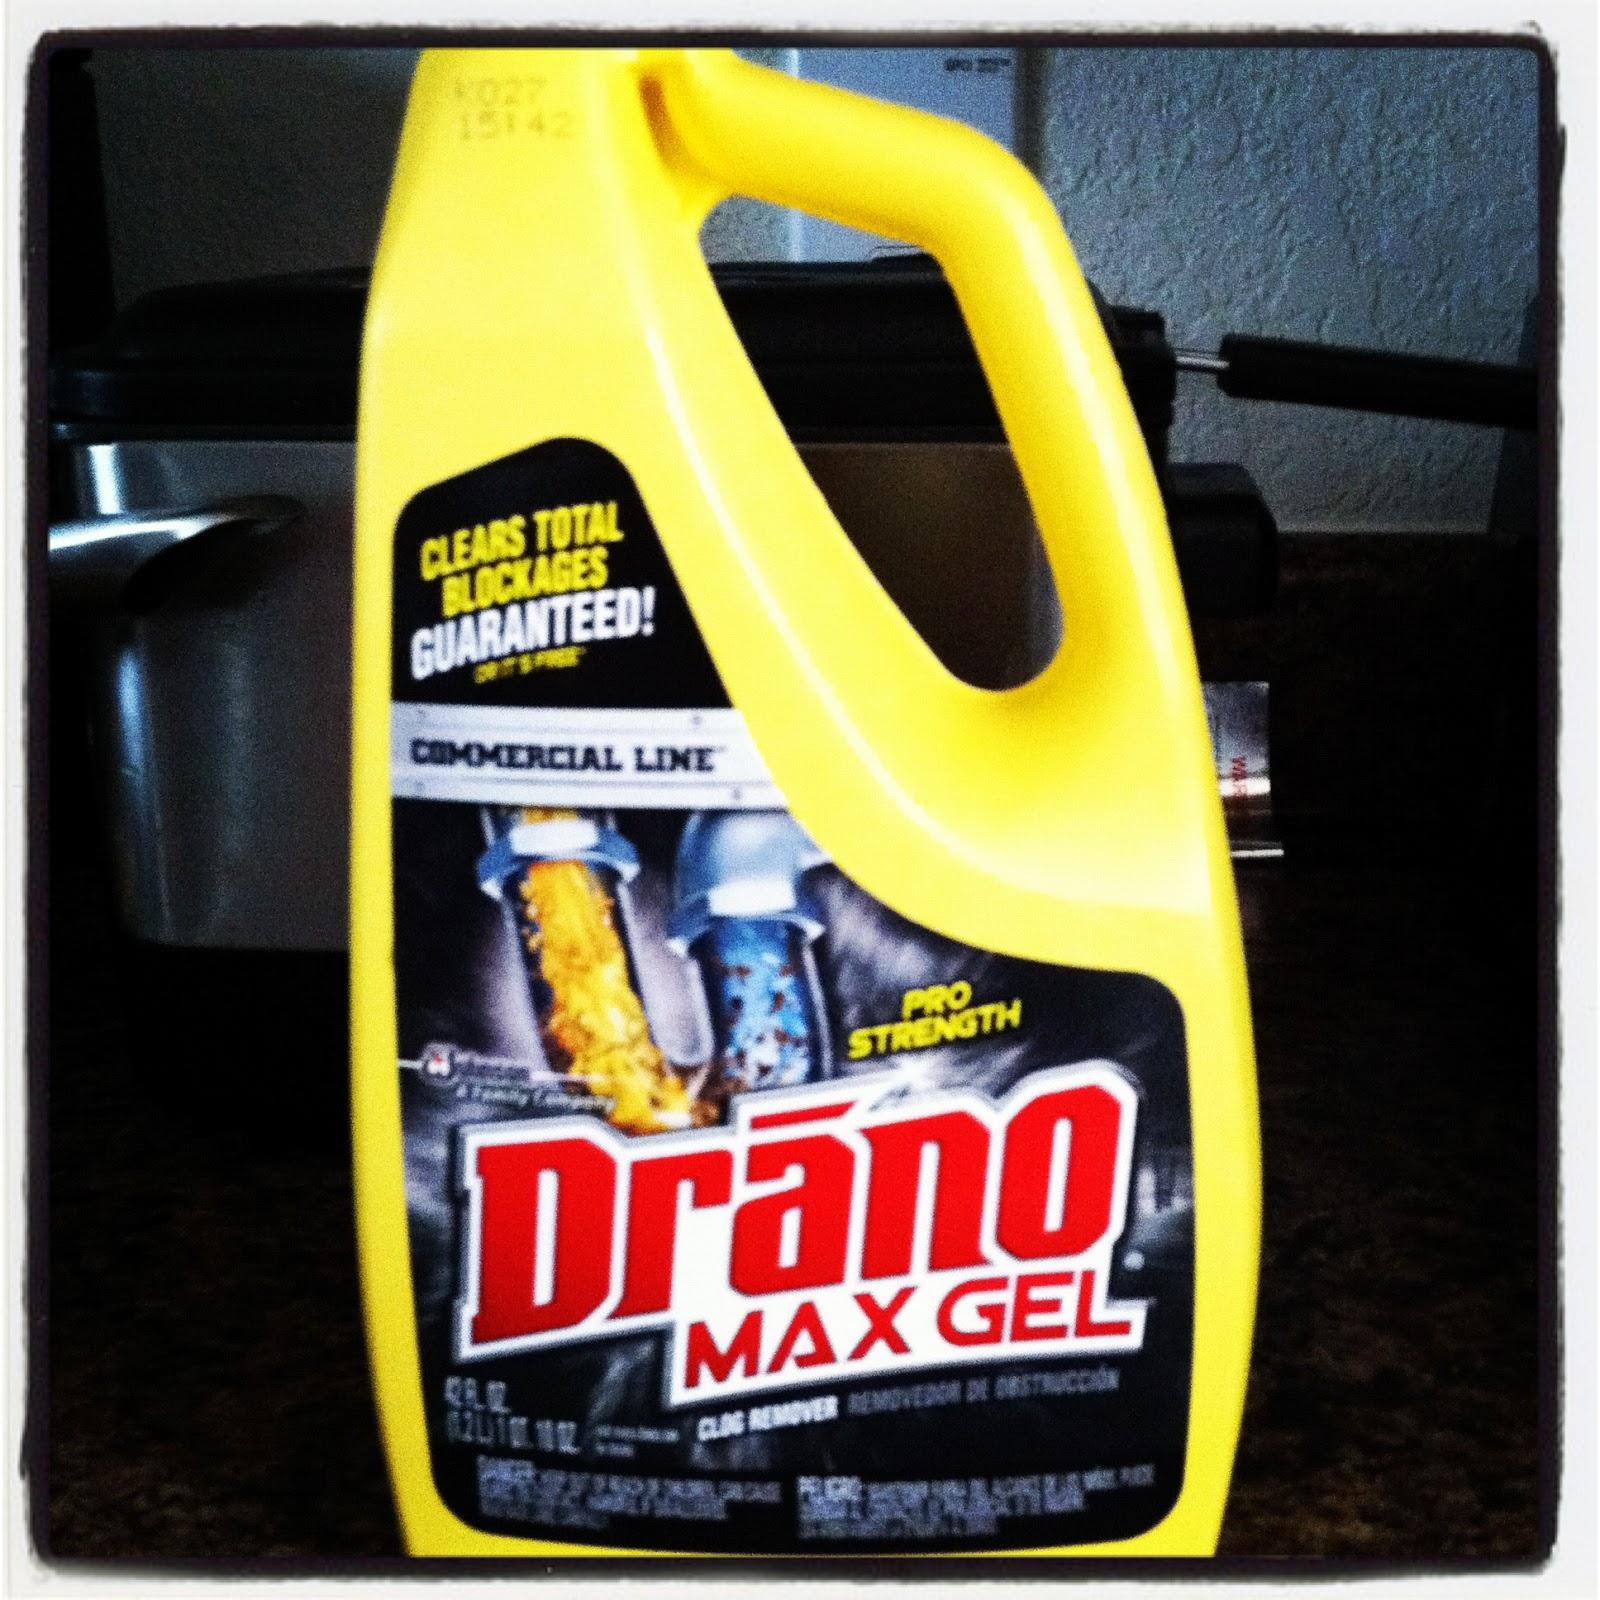 Drano Kitchen Sink: Home & Garden: Drano Max Gel